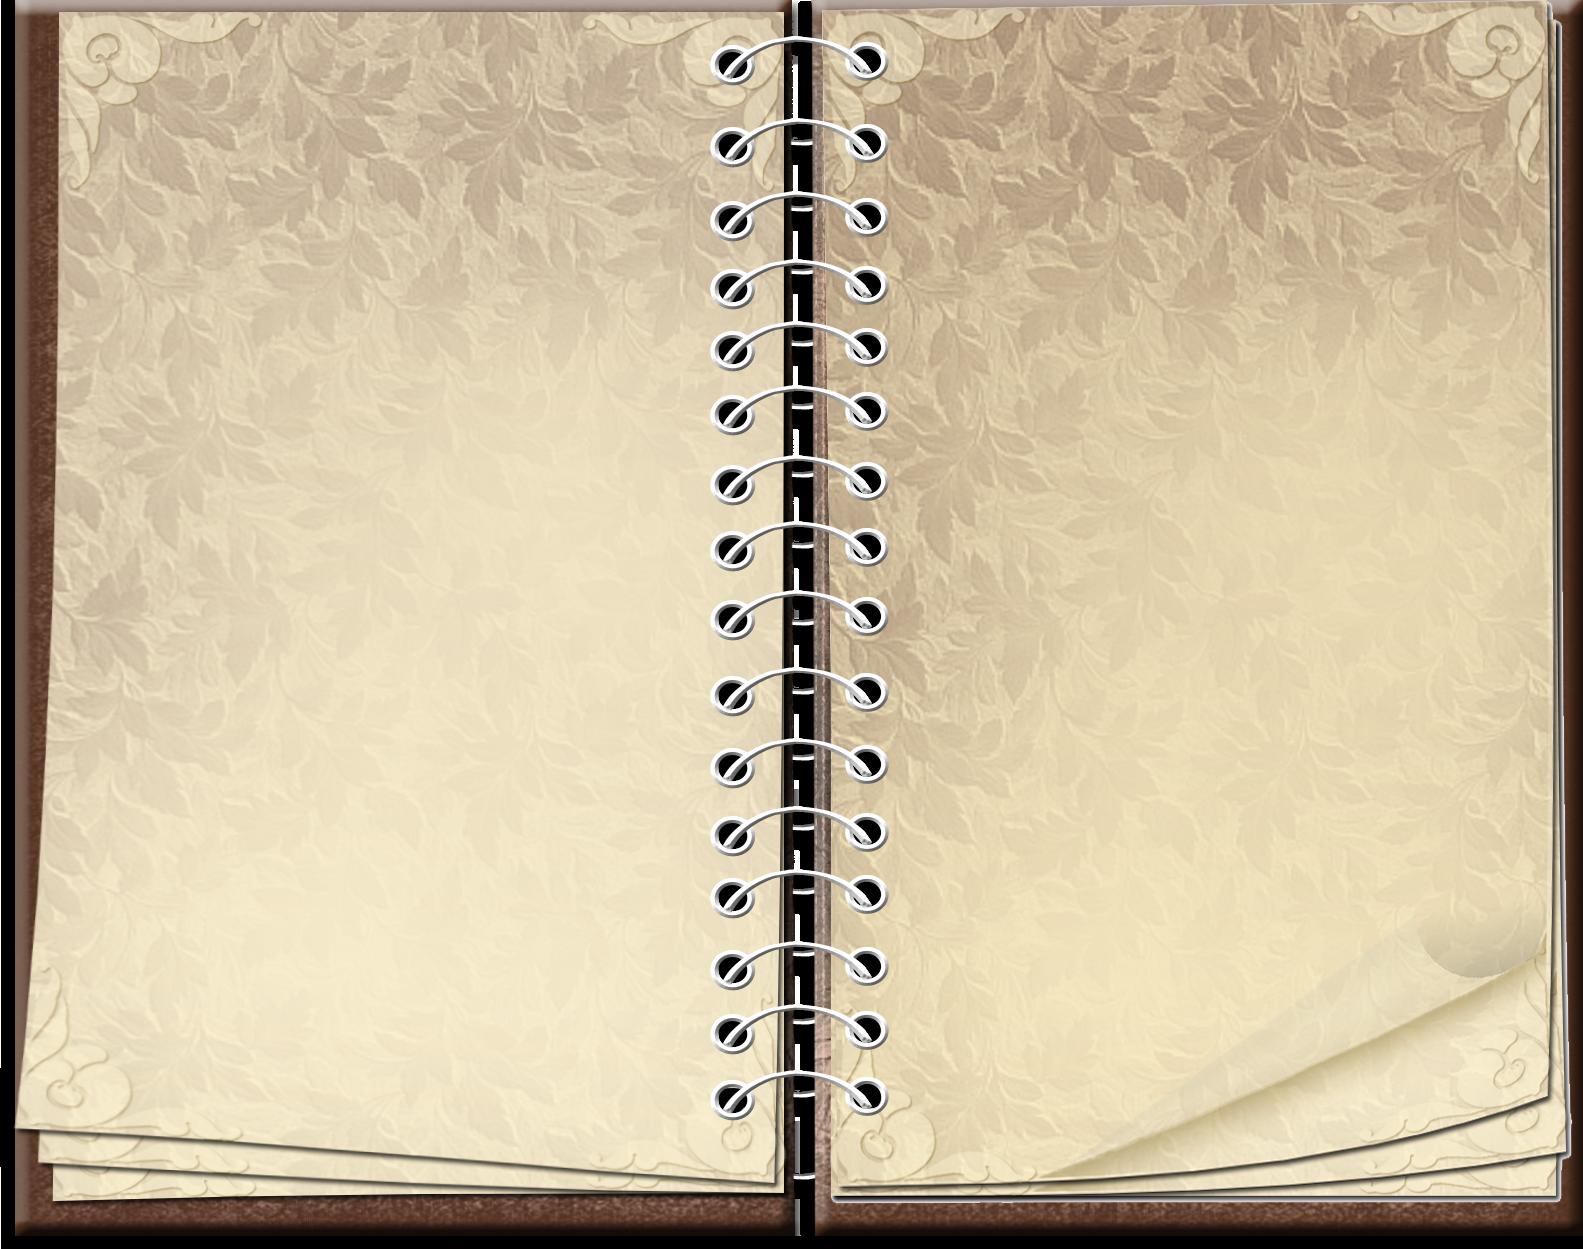 самых фон открытой книги фотошоп основали новую уникальную